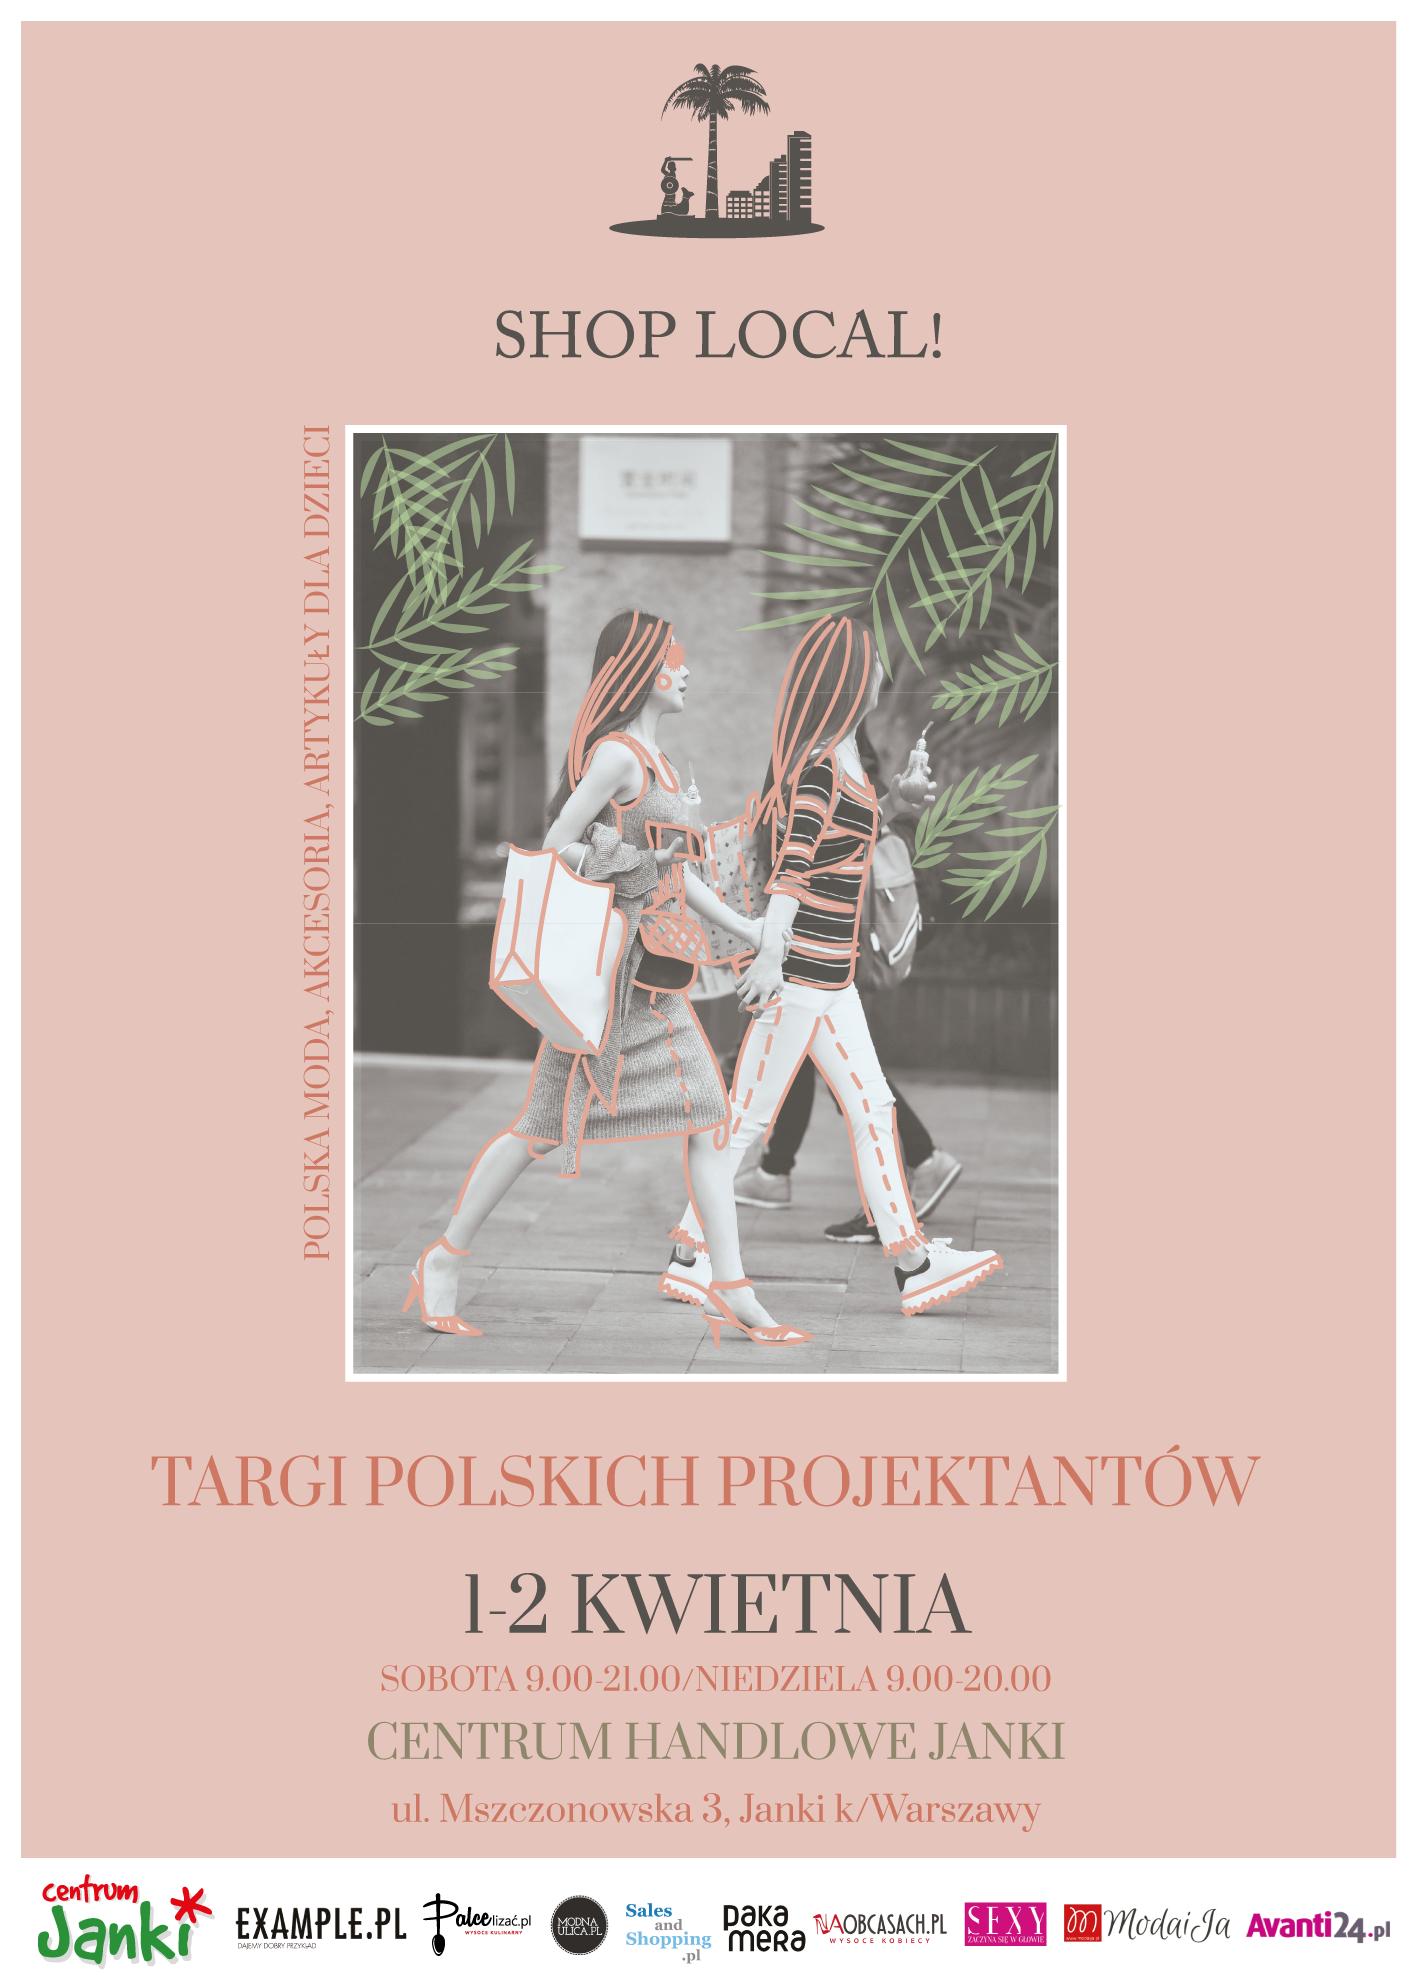 Targi Mody Shop Local w Warszawie 1-2 kwietnia 2017